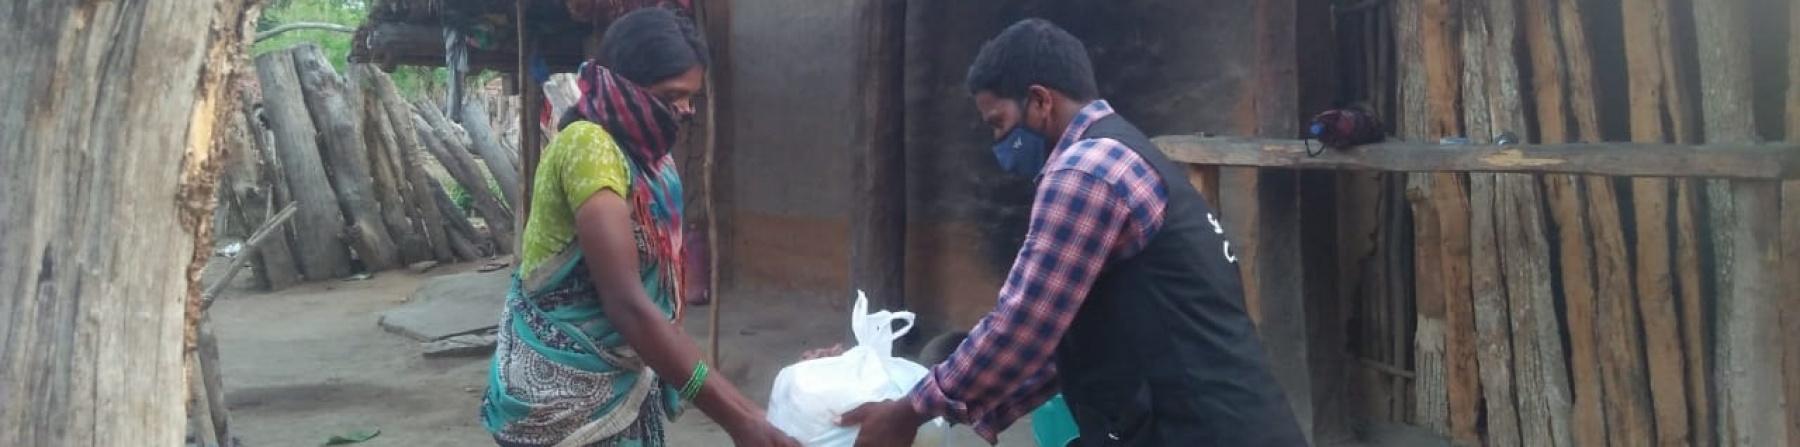 Un operatore save the children distribuisce cibo a una donna indiana, sullo sfondo una casa di legno